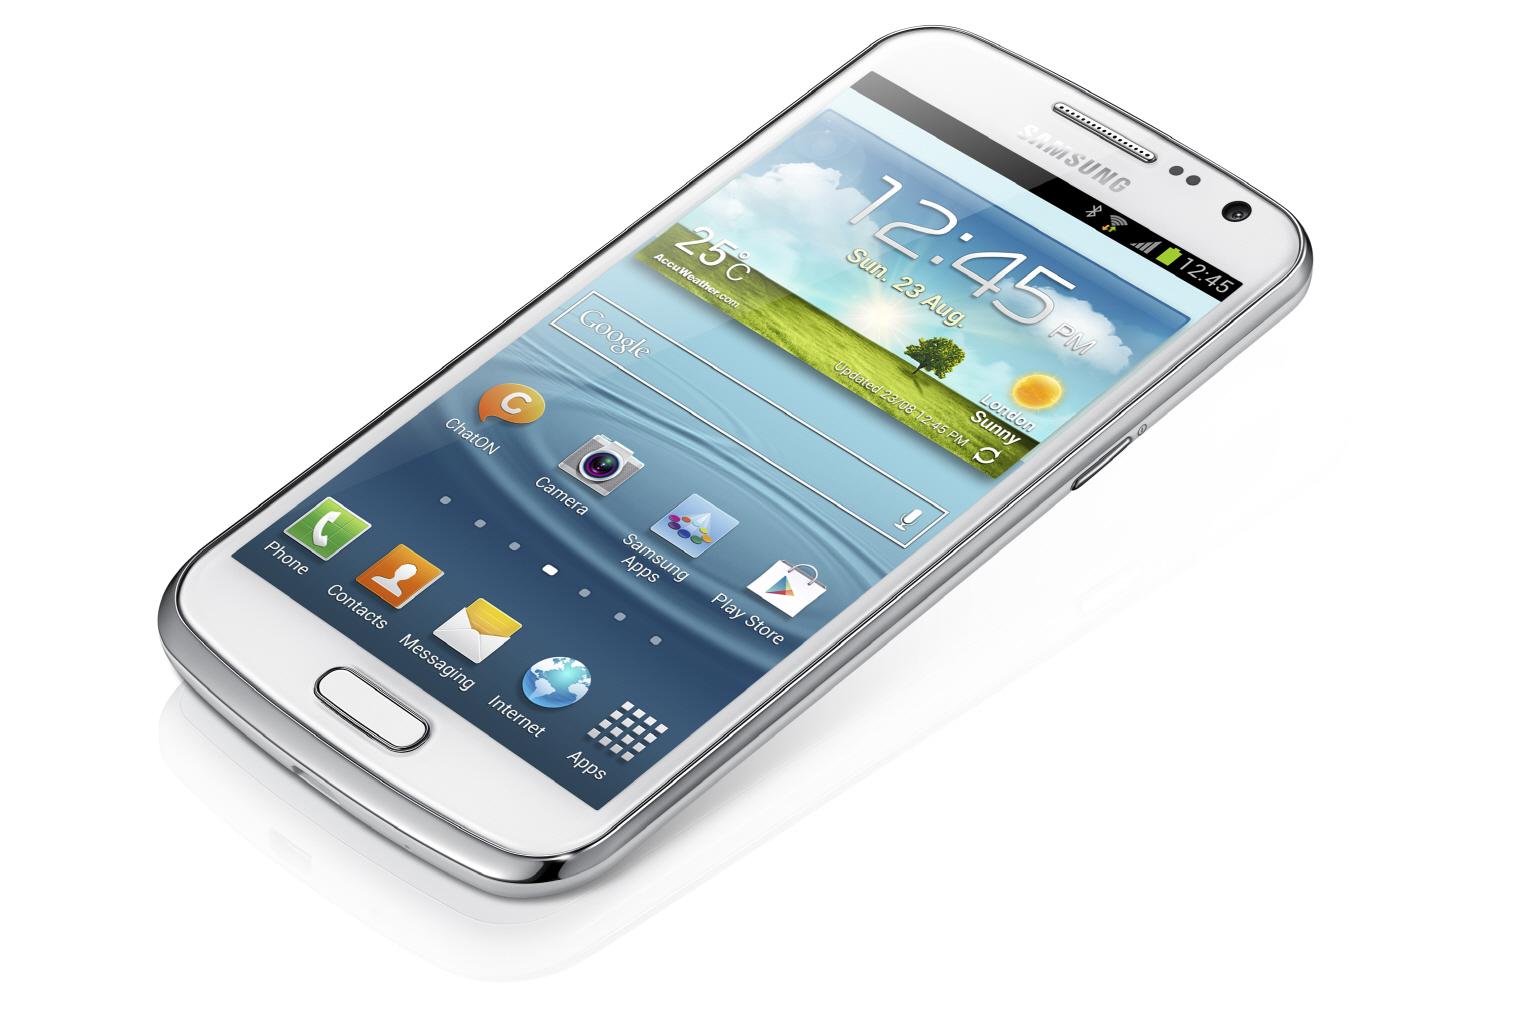 مواصفات جوال سامسونج جالكسي Samsung Galaxy Premier بشاشة 4.7 بوصة